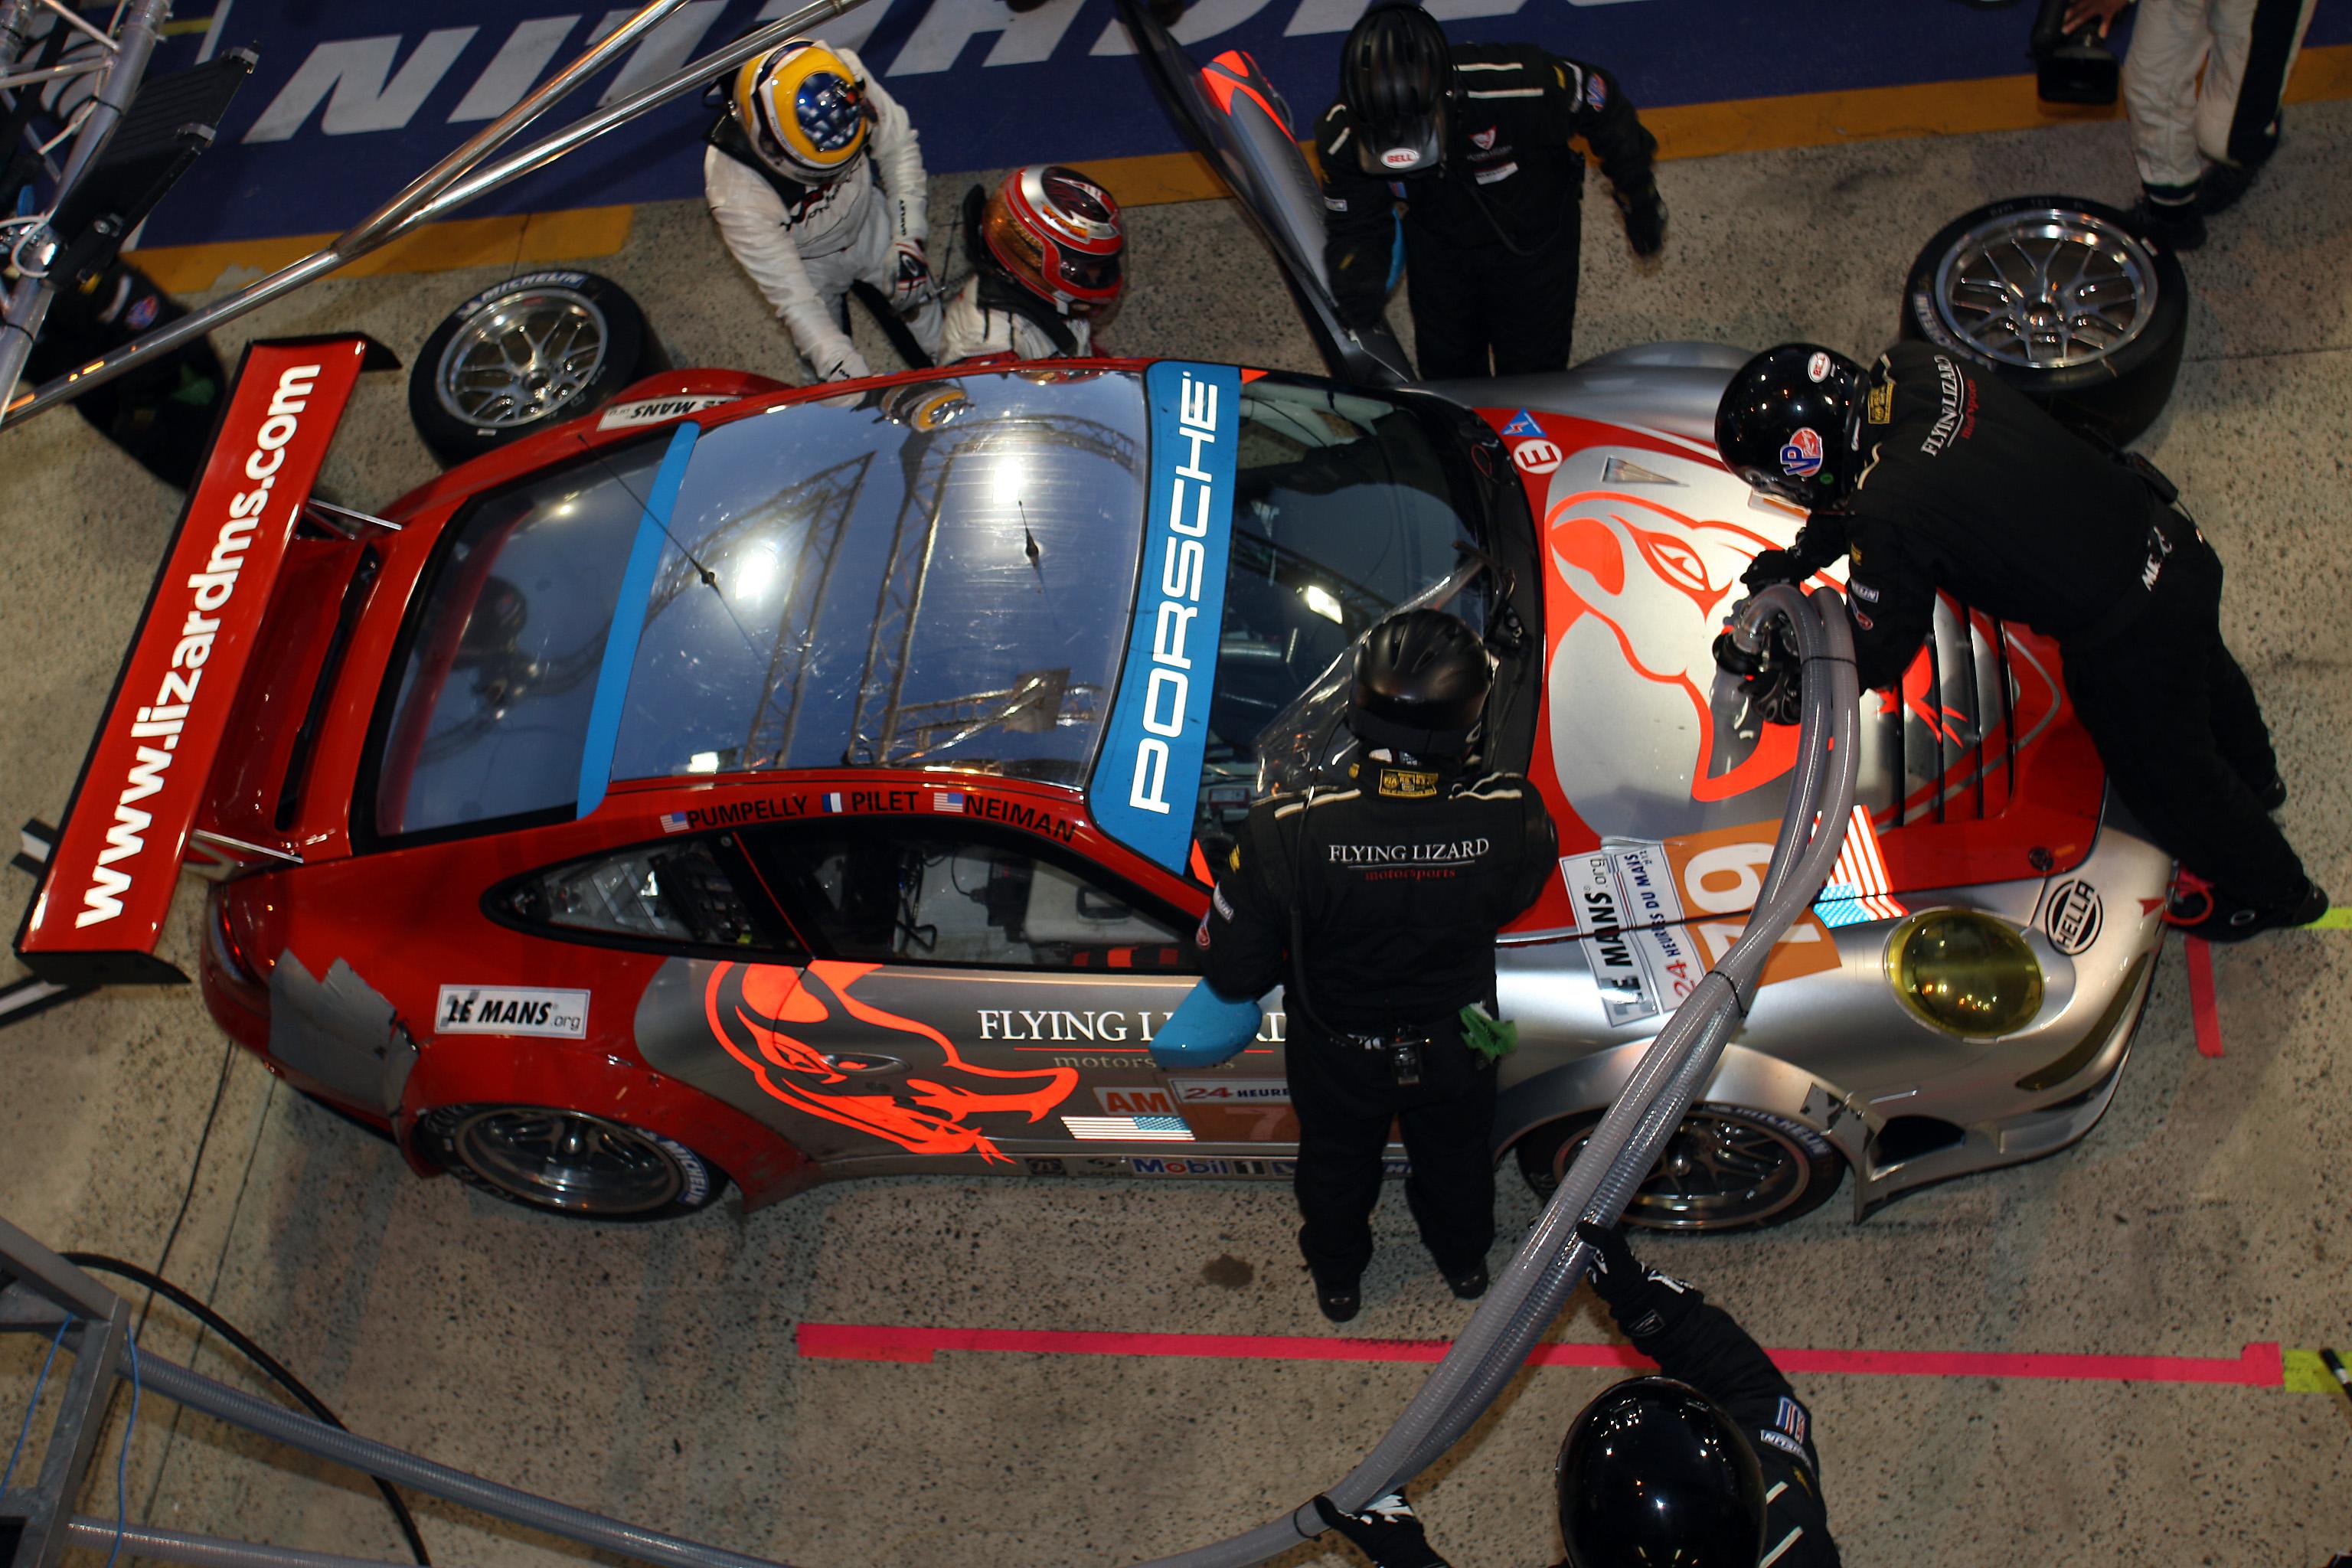 Porsche Claims Podium Spot At The Le Mans 24 Hour Race Wec Rd 3